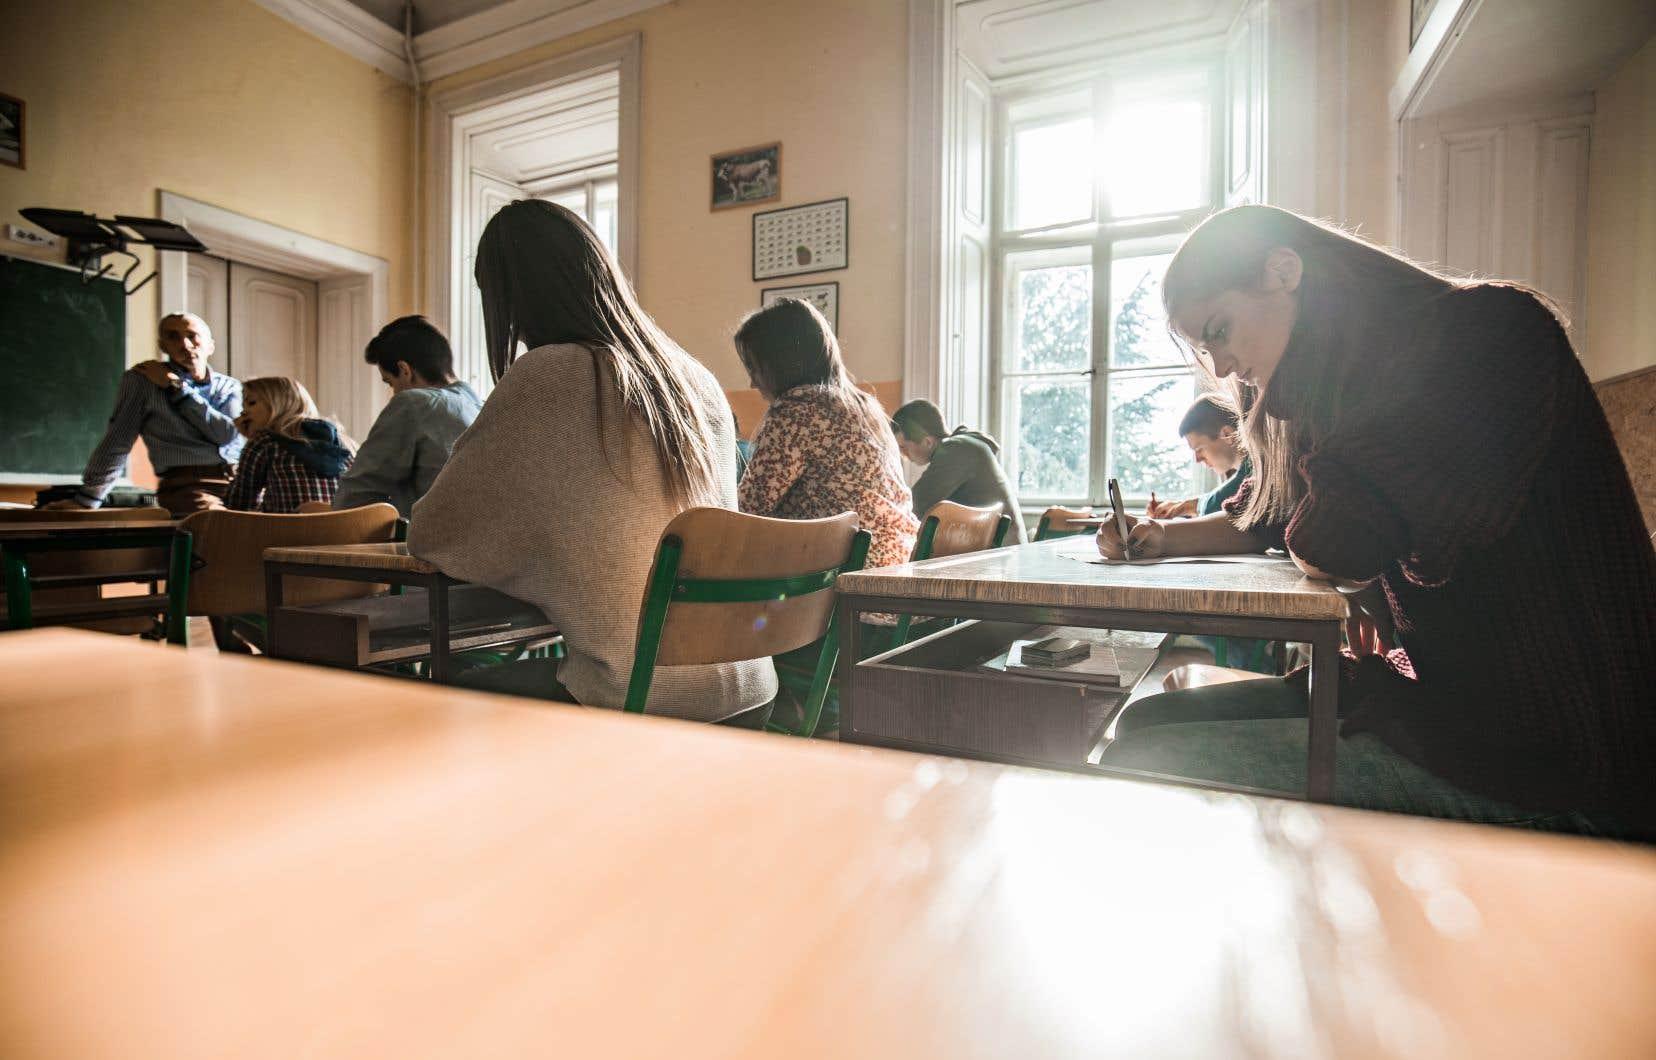 «Peut-être devra-t-on commencer par reconnaître le problème de déficit éducatif structurel auquel nous faisons face, envisager de véritables solutions systémiques qui tireront l'école publique, et avec elle tout le Québec, vers le haut», estime l'auteur.